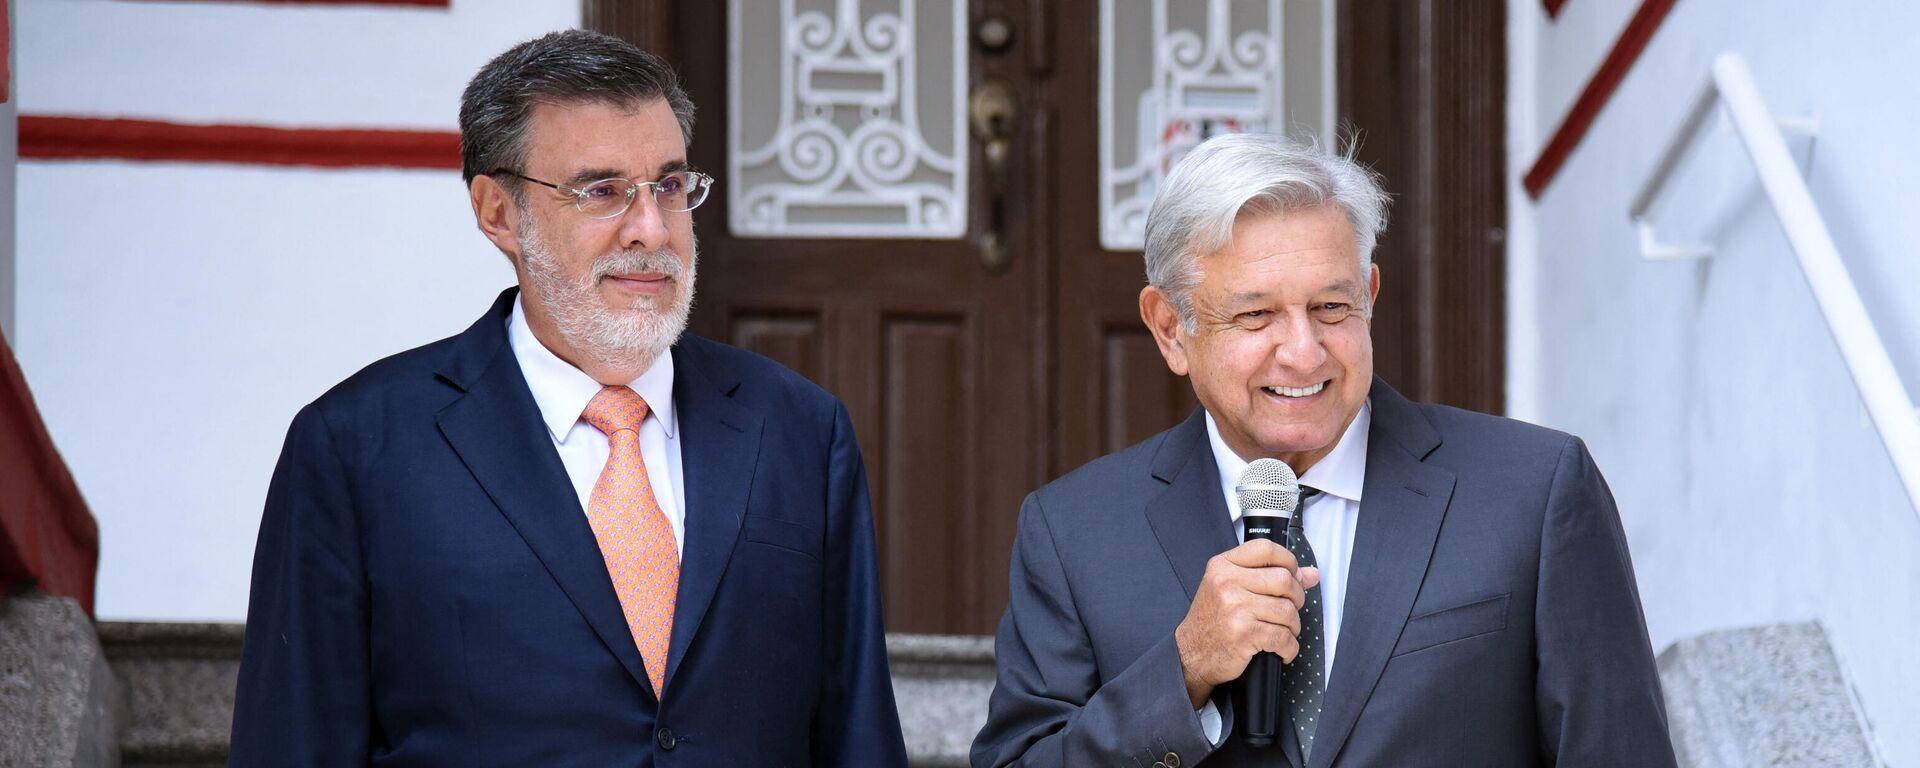 El presidente de México, Andrés Manuel López Obrador, (derecha) y el Consejero Jurídico de la Presidencia de México, Julio Scherer Ibarra - Sputnik Mundo, 1920, 02.09.2021